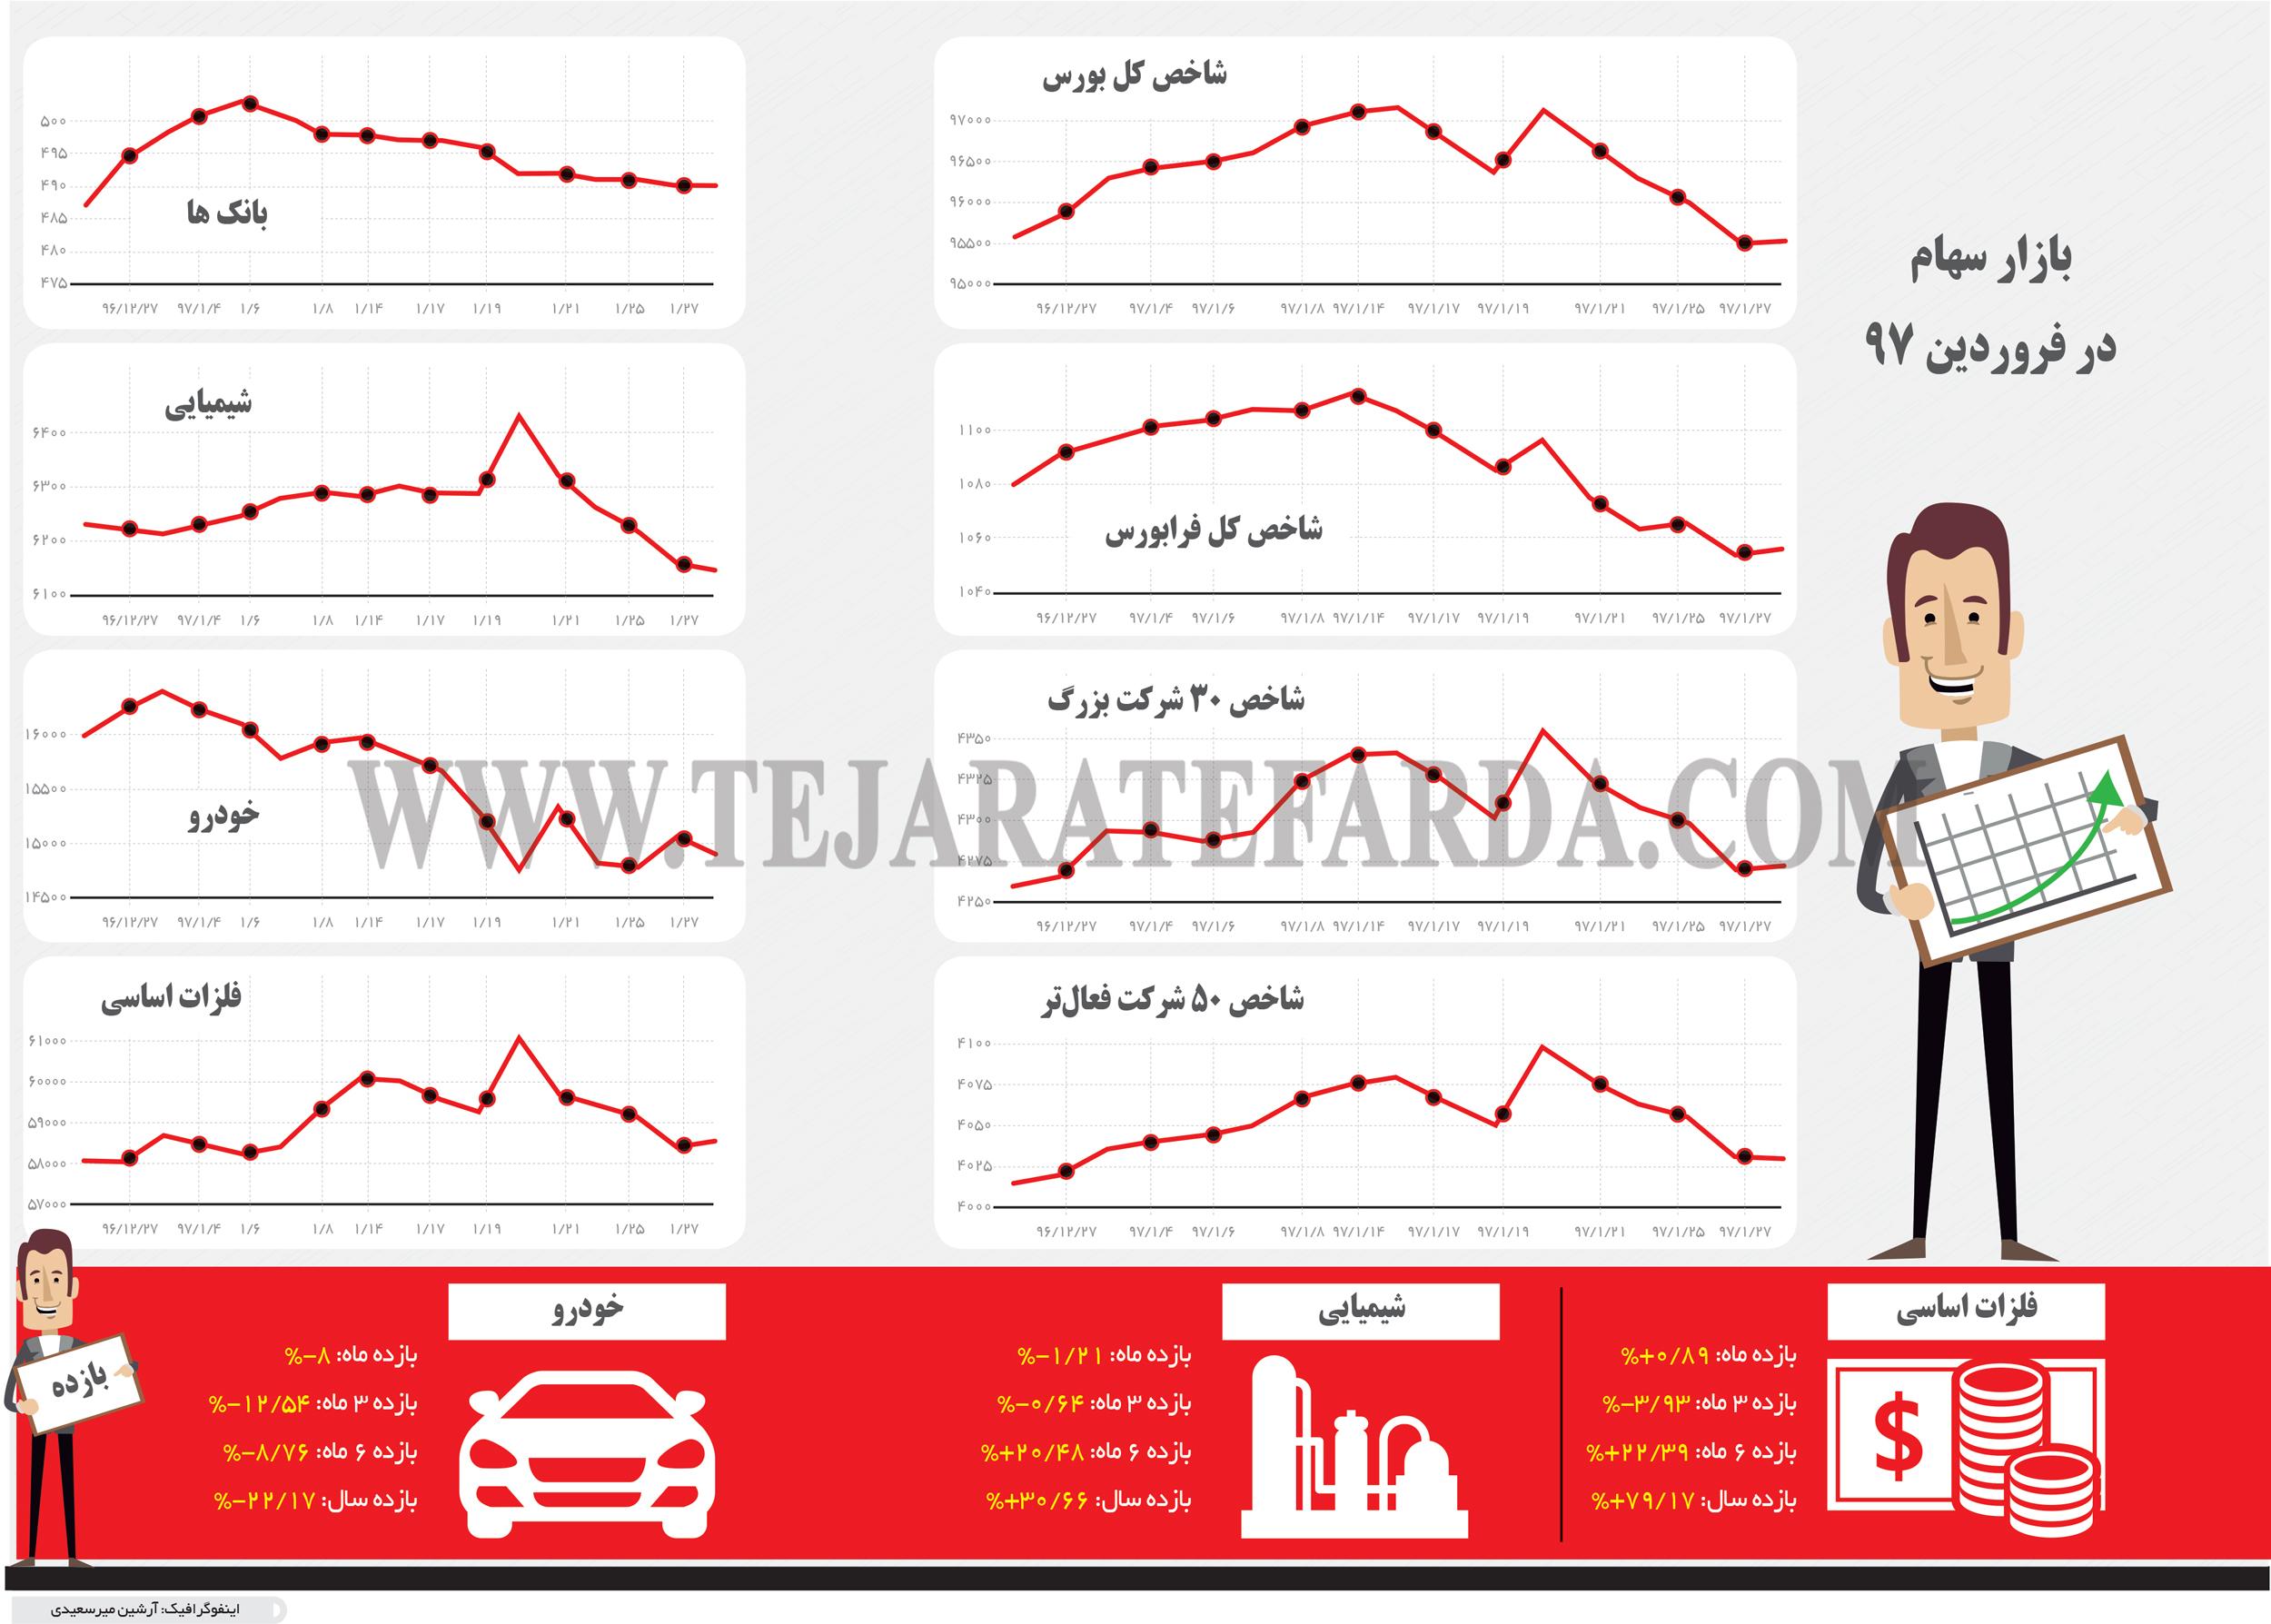 تجارت فردا- اینفوگرافیک- بازار سهام در فروردین 97